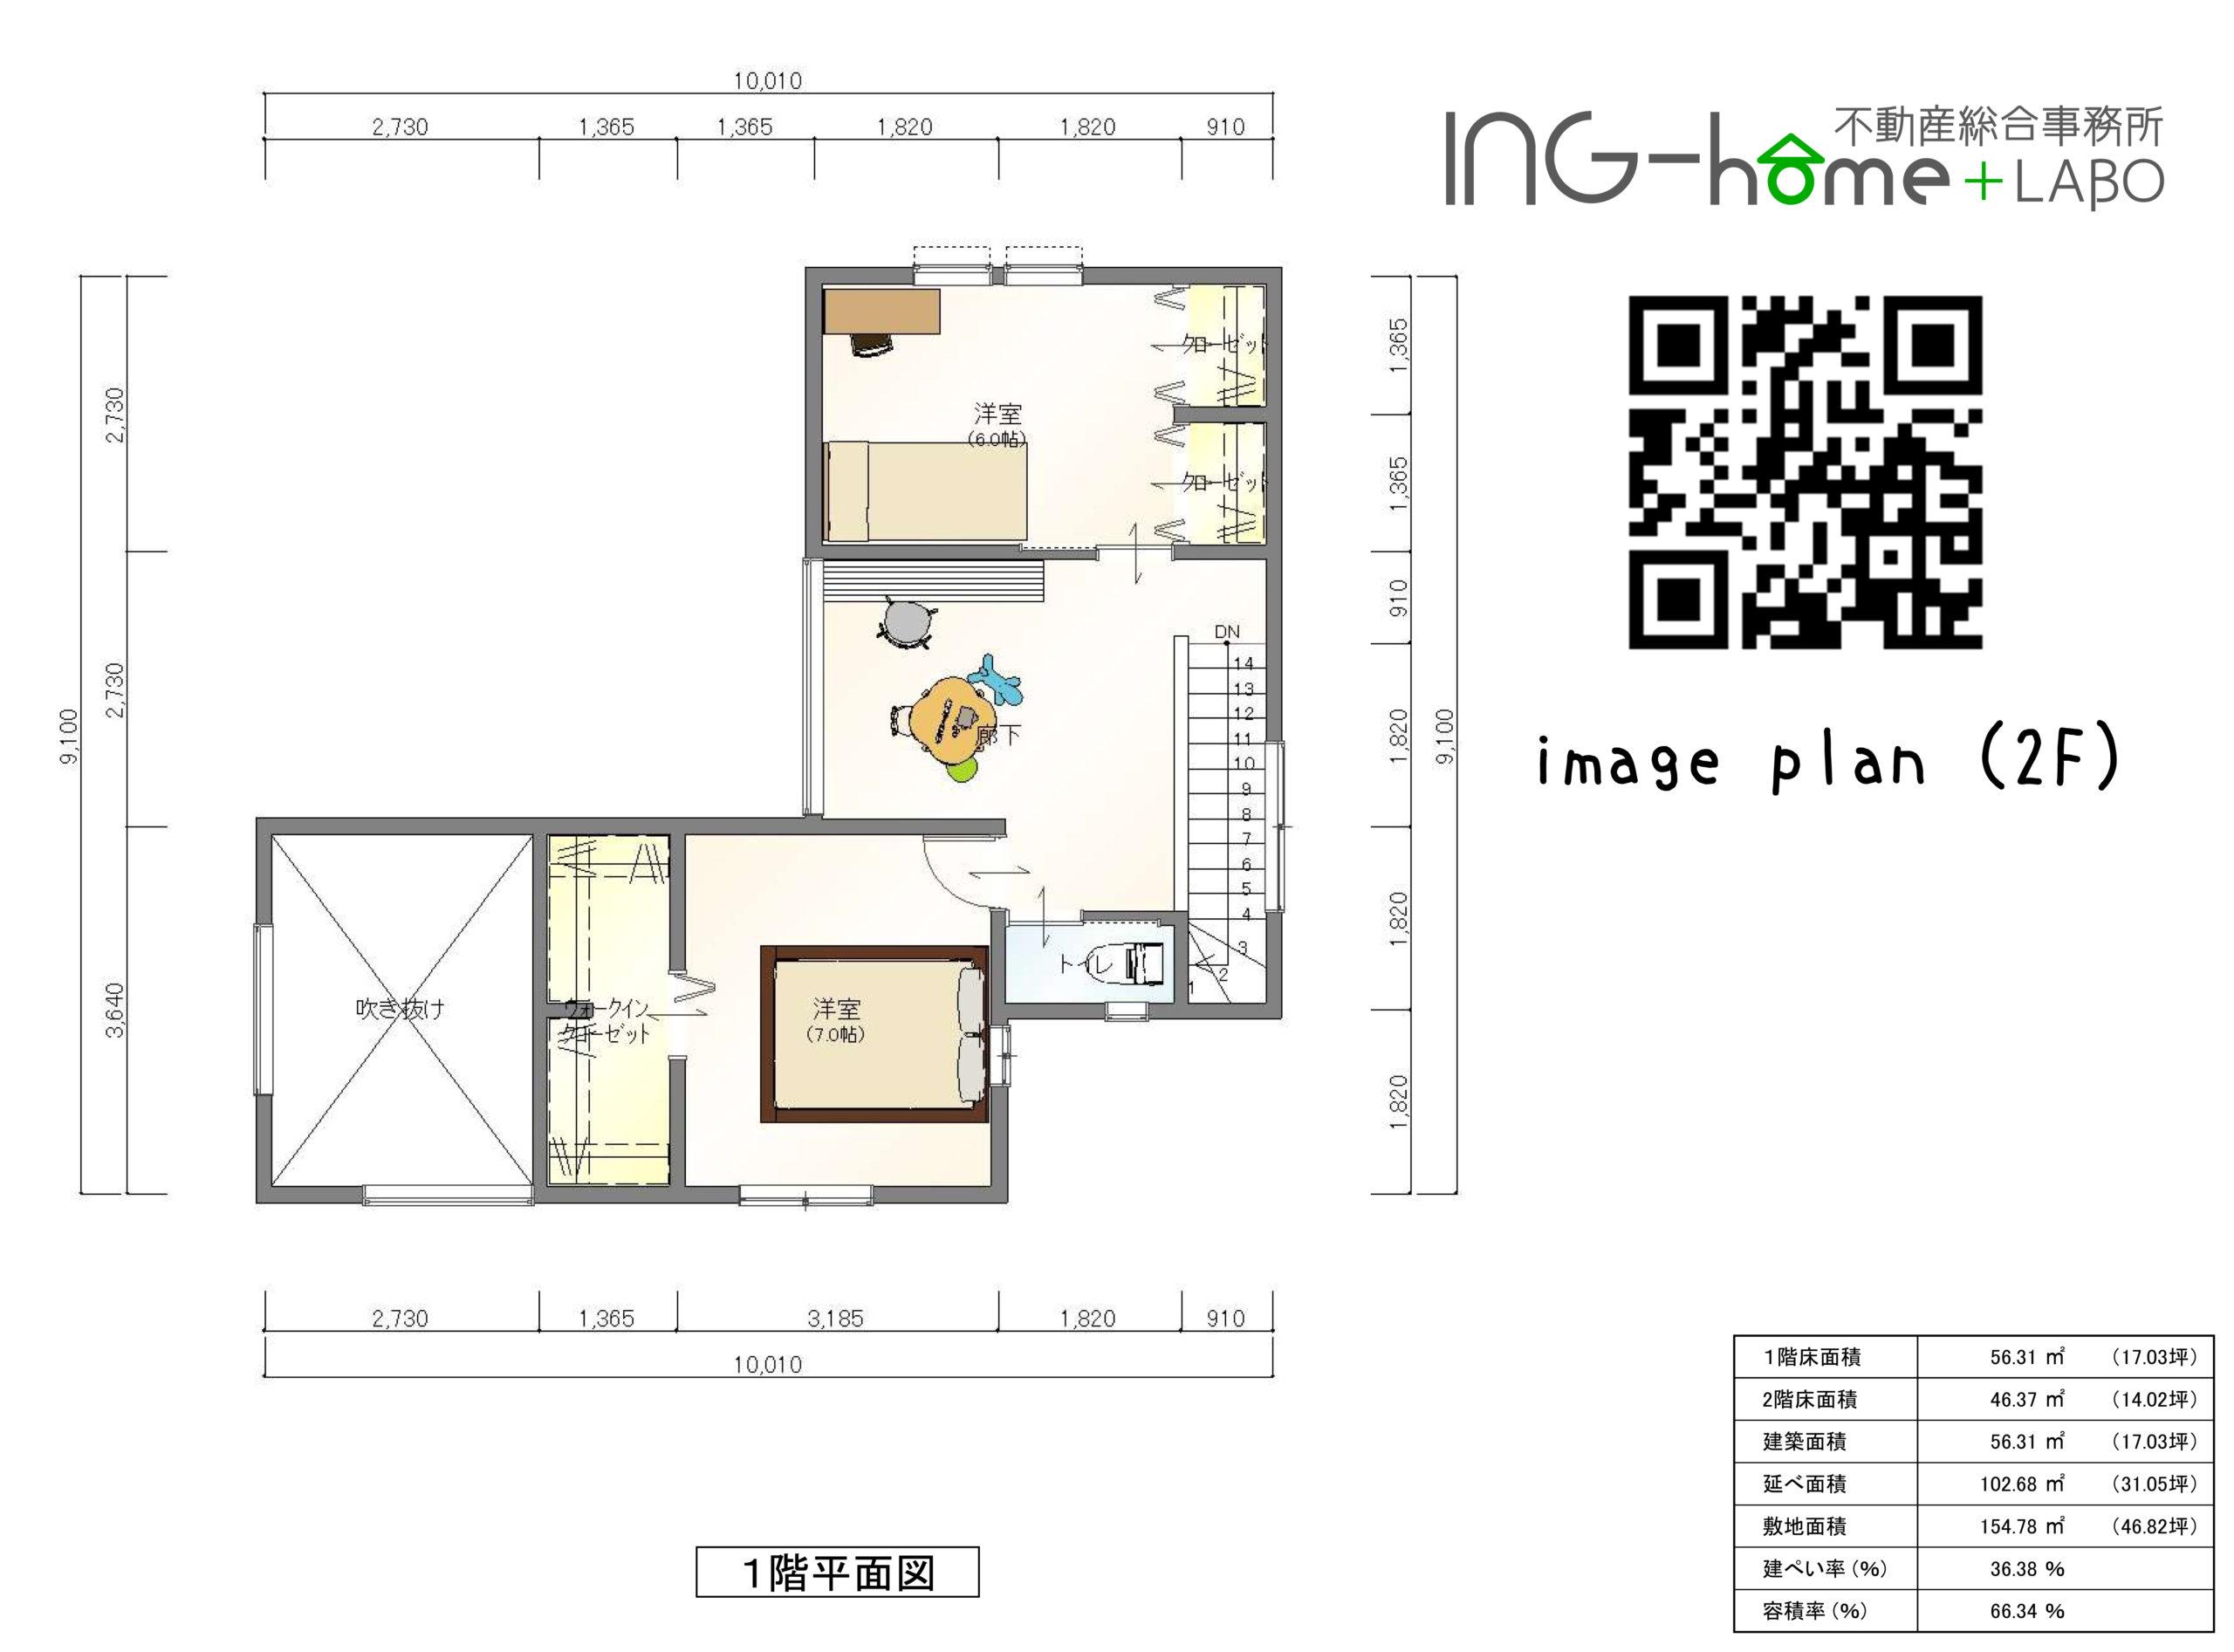 ING-home  image plan